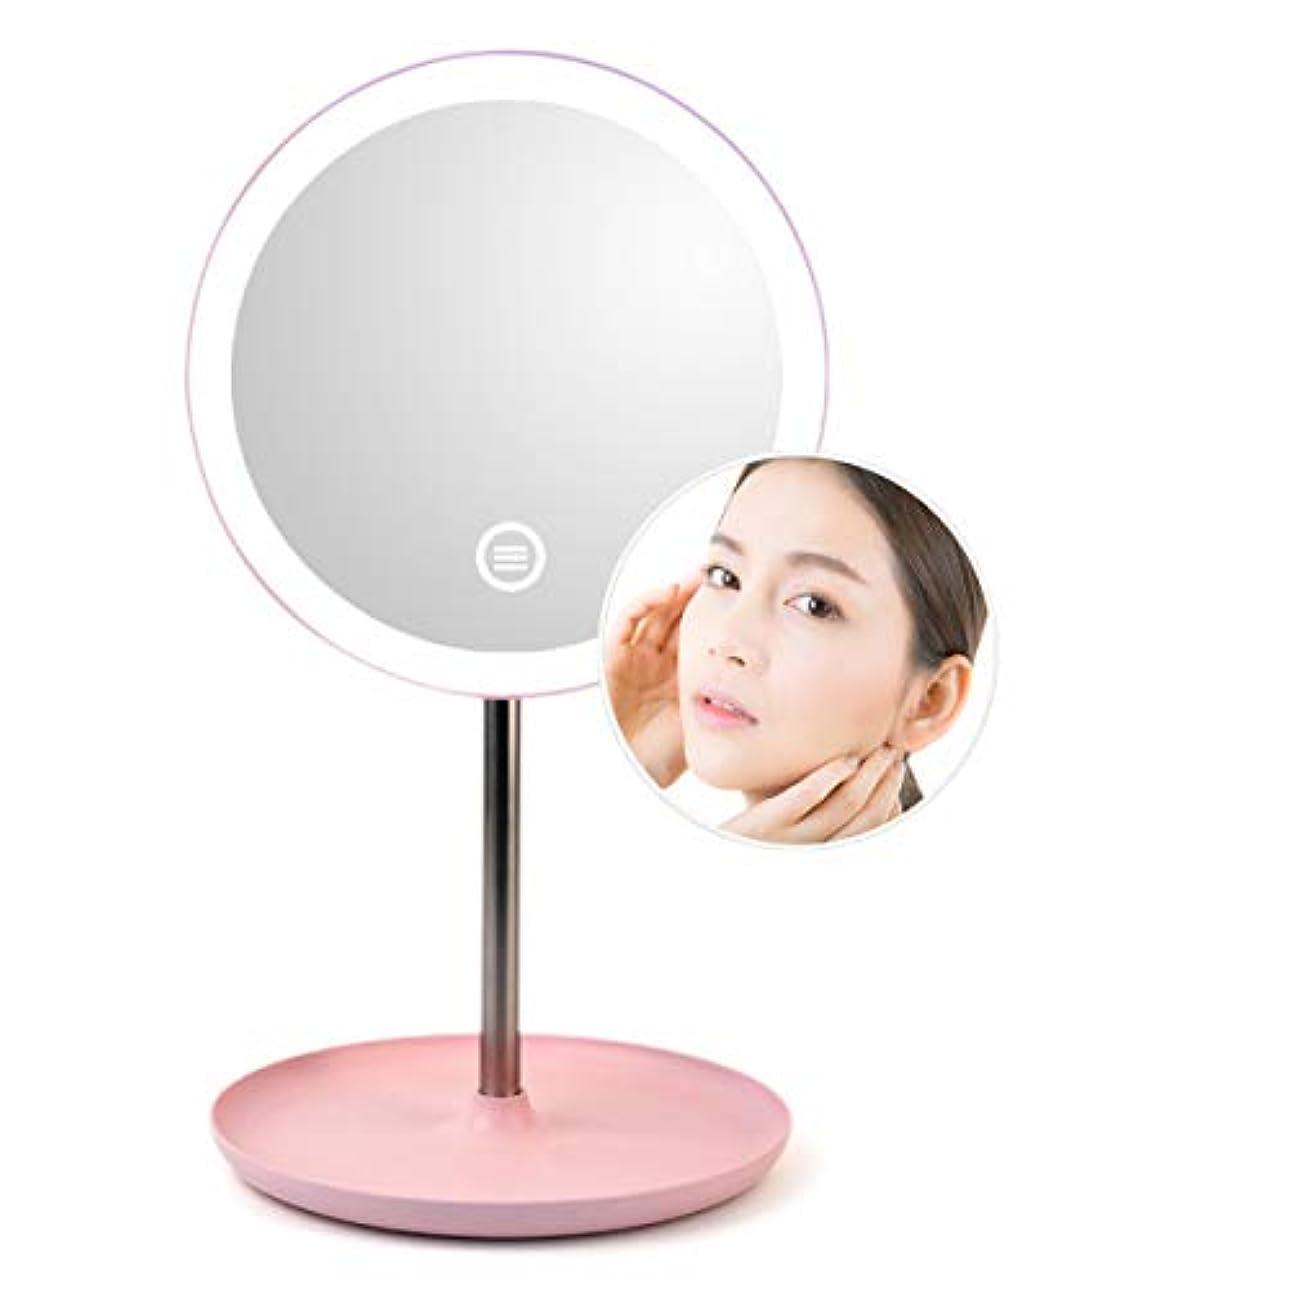 選出する首幽霊化粧鏡 卓上 LED付き usb充電式化粧ミラー 360度回転 タッチセンサー 明るさ調節可能 無段階調光 10倍 拡大鏡